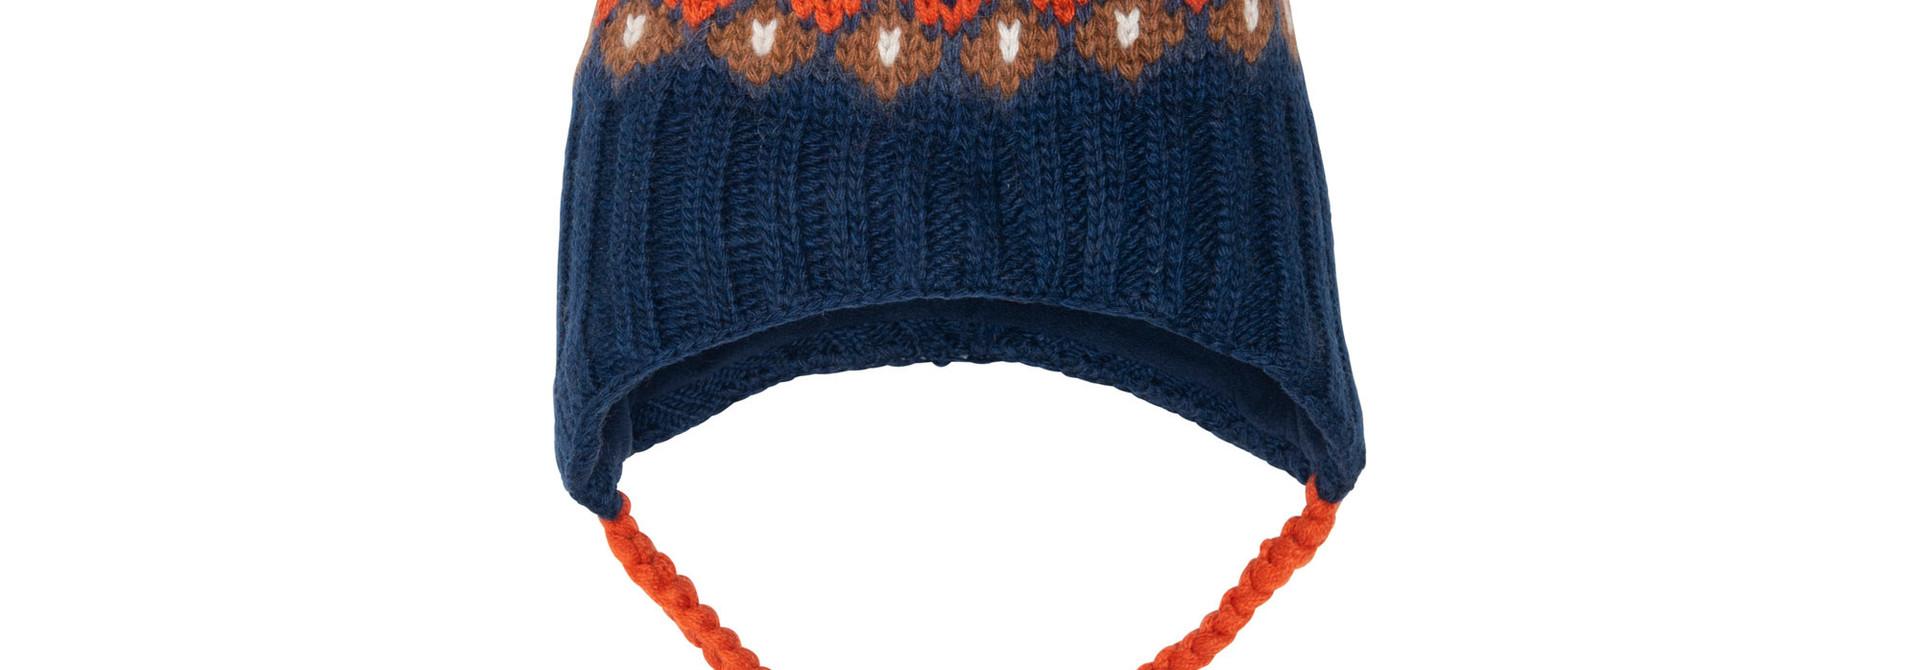 Tuque en tricot Renard